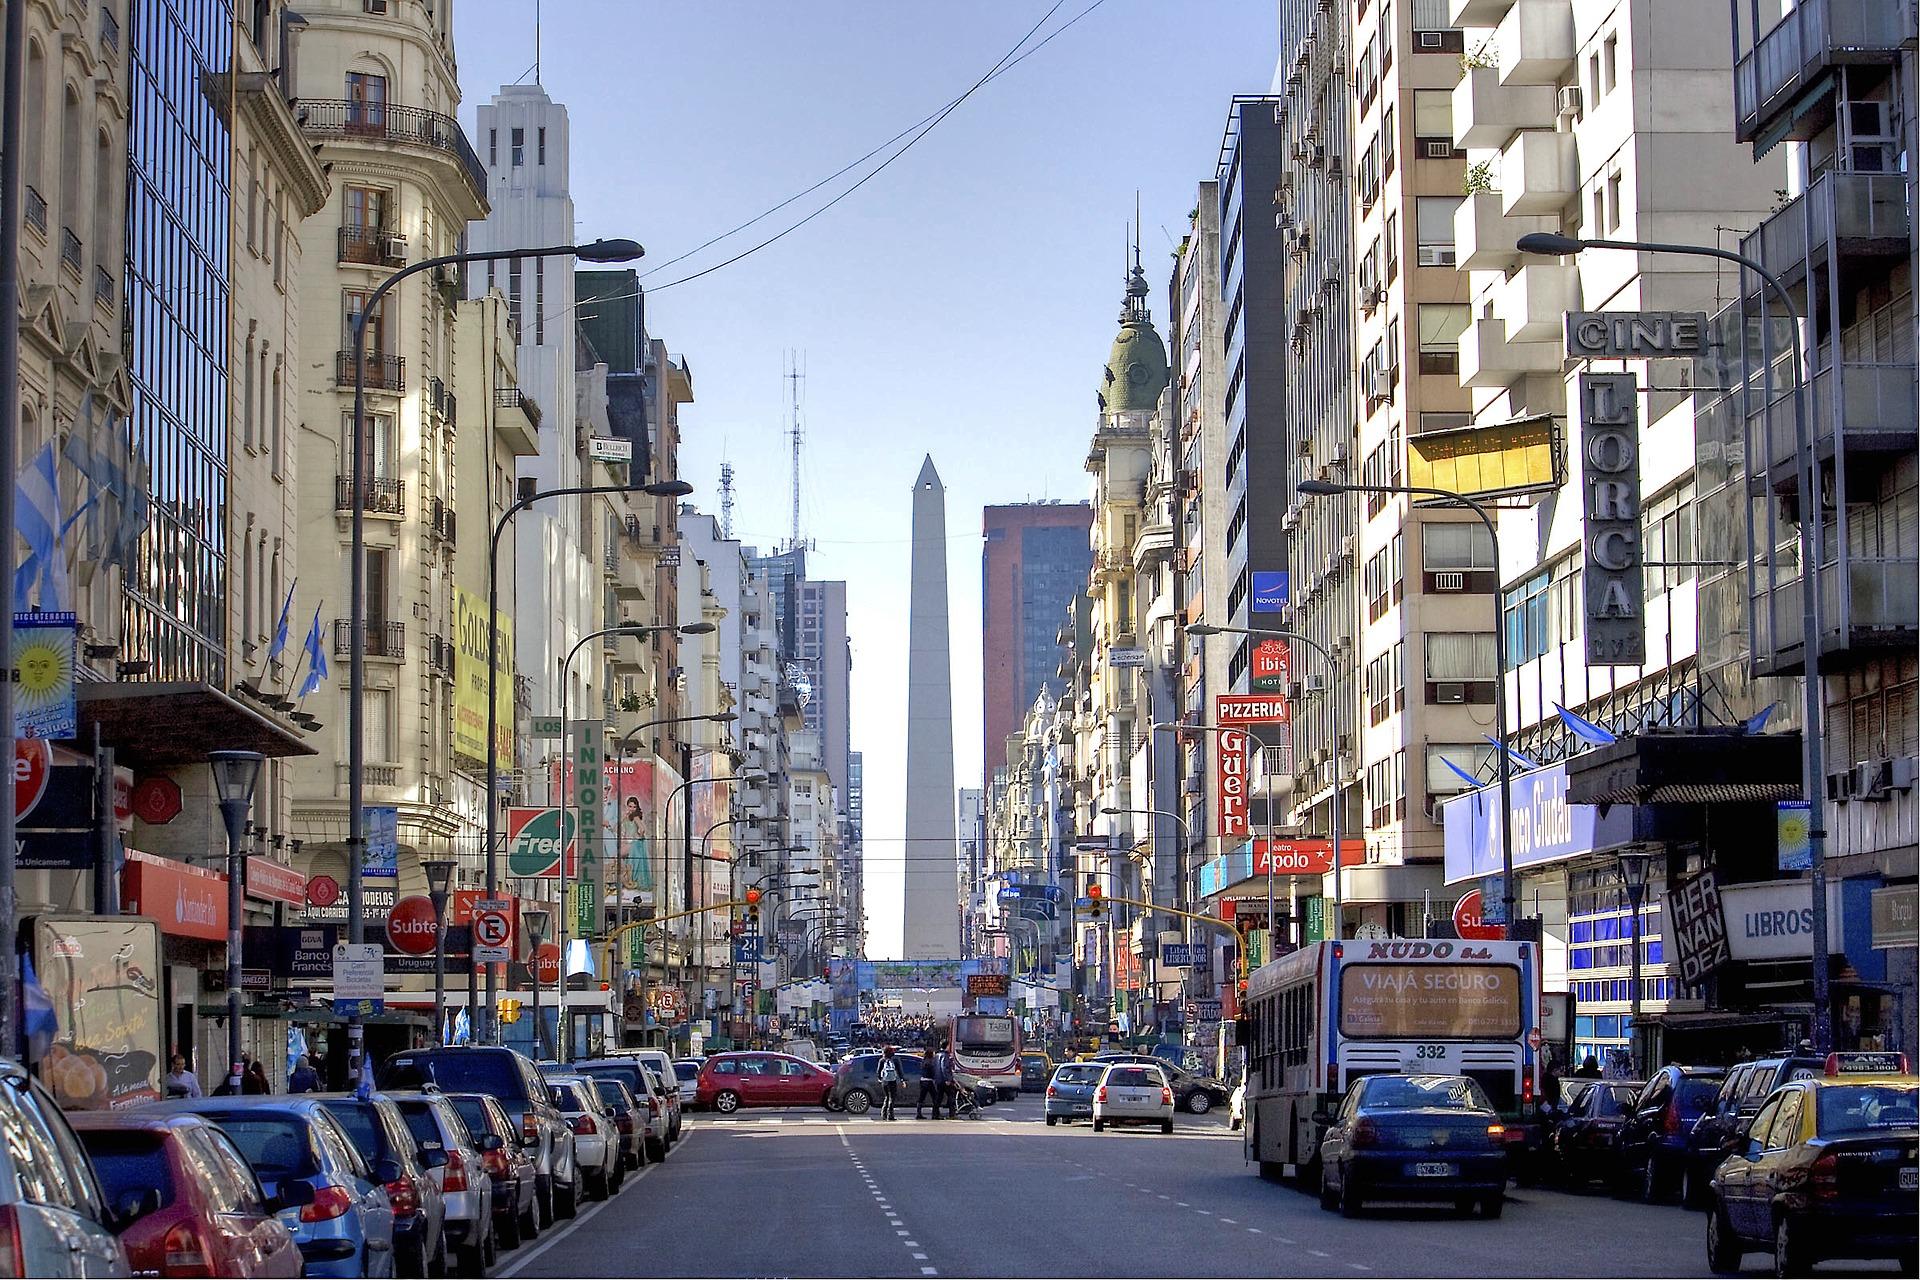 Des vacances en Argentine : un voyage complet et sensationnel